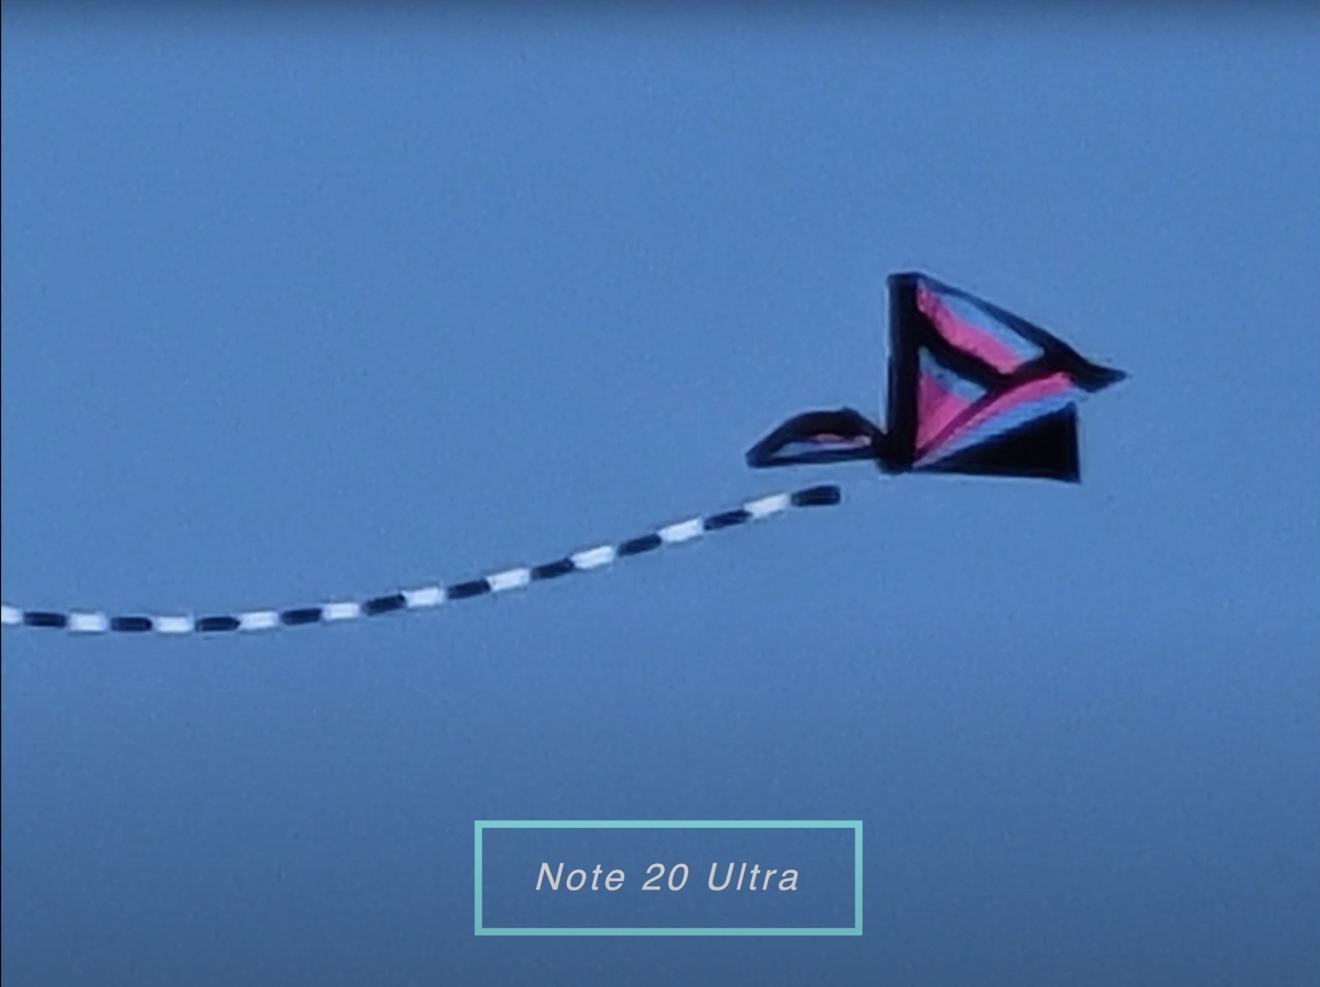 La Note 20  Ultra a 50X es incluso mejor que ambos